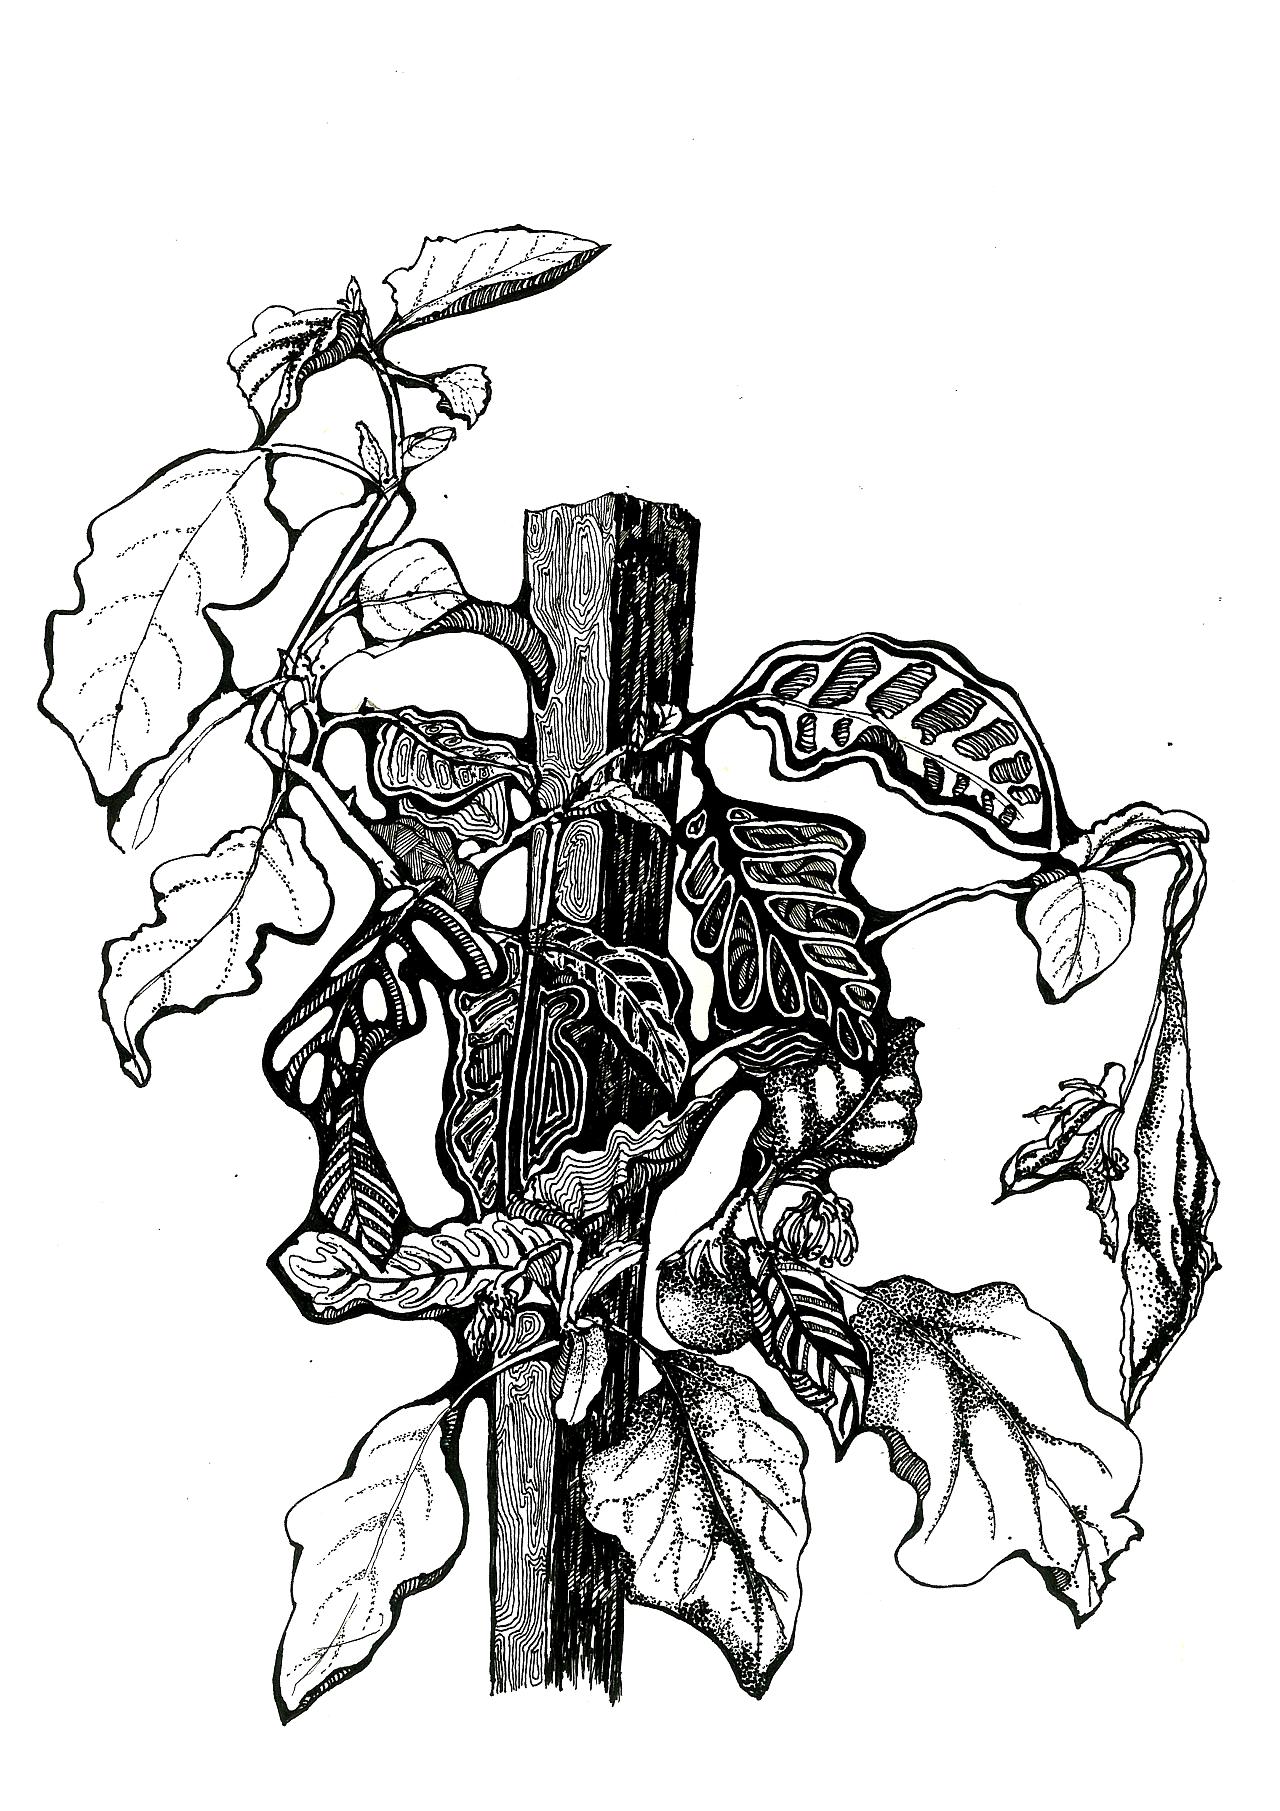 手绘|黑白装饰画(一)|纯艺术|其他艺创|gd权世界